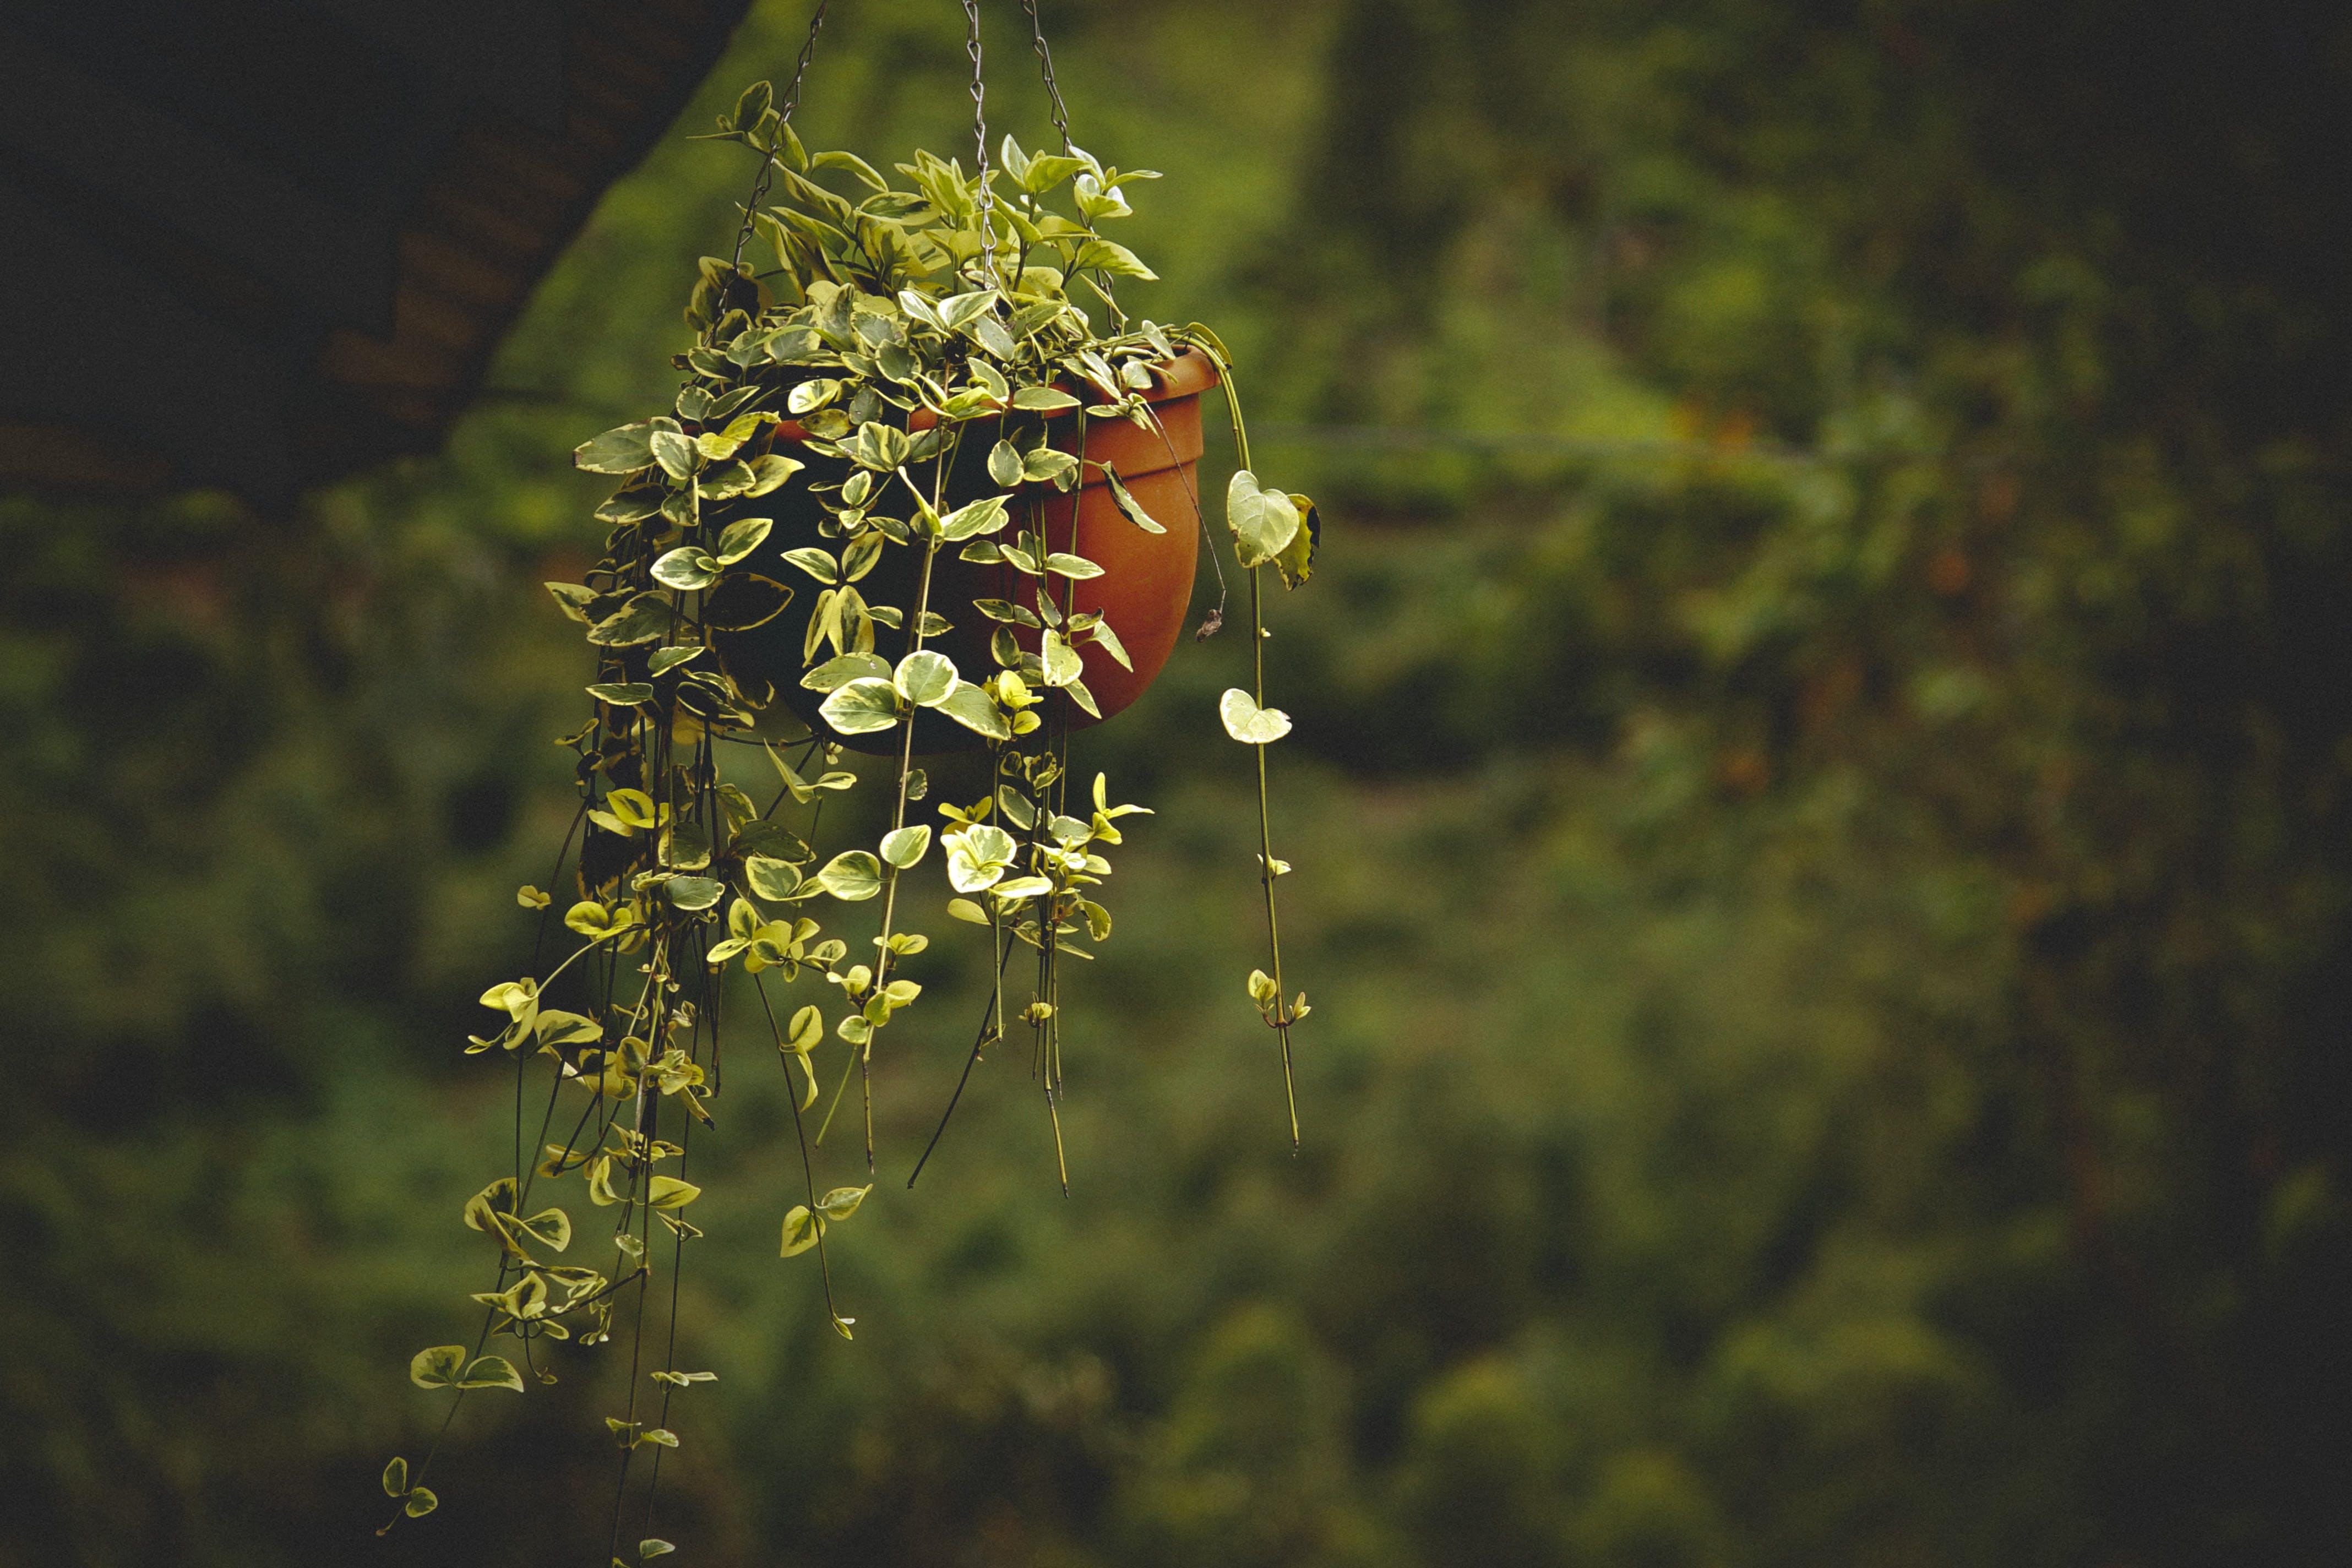 Ảnh lưu trữ miễn phí về cây cảnh, thực vật, treo, vĩ mô